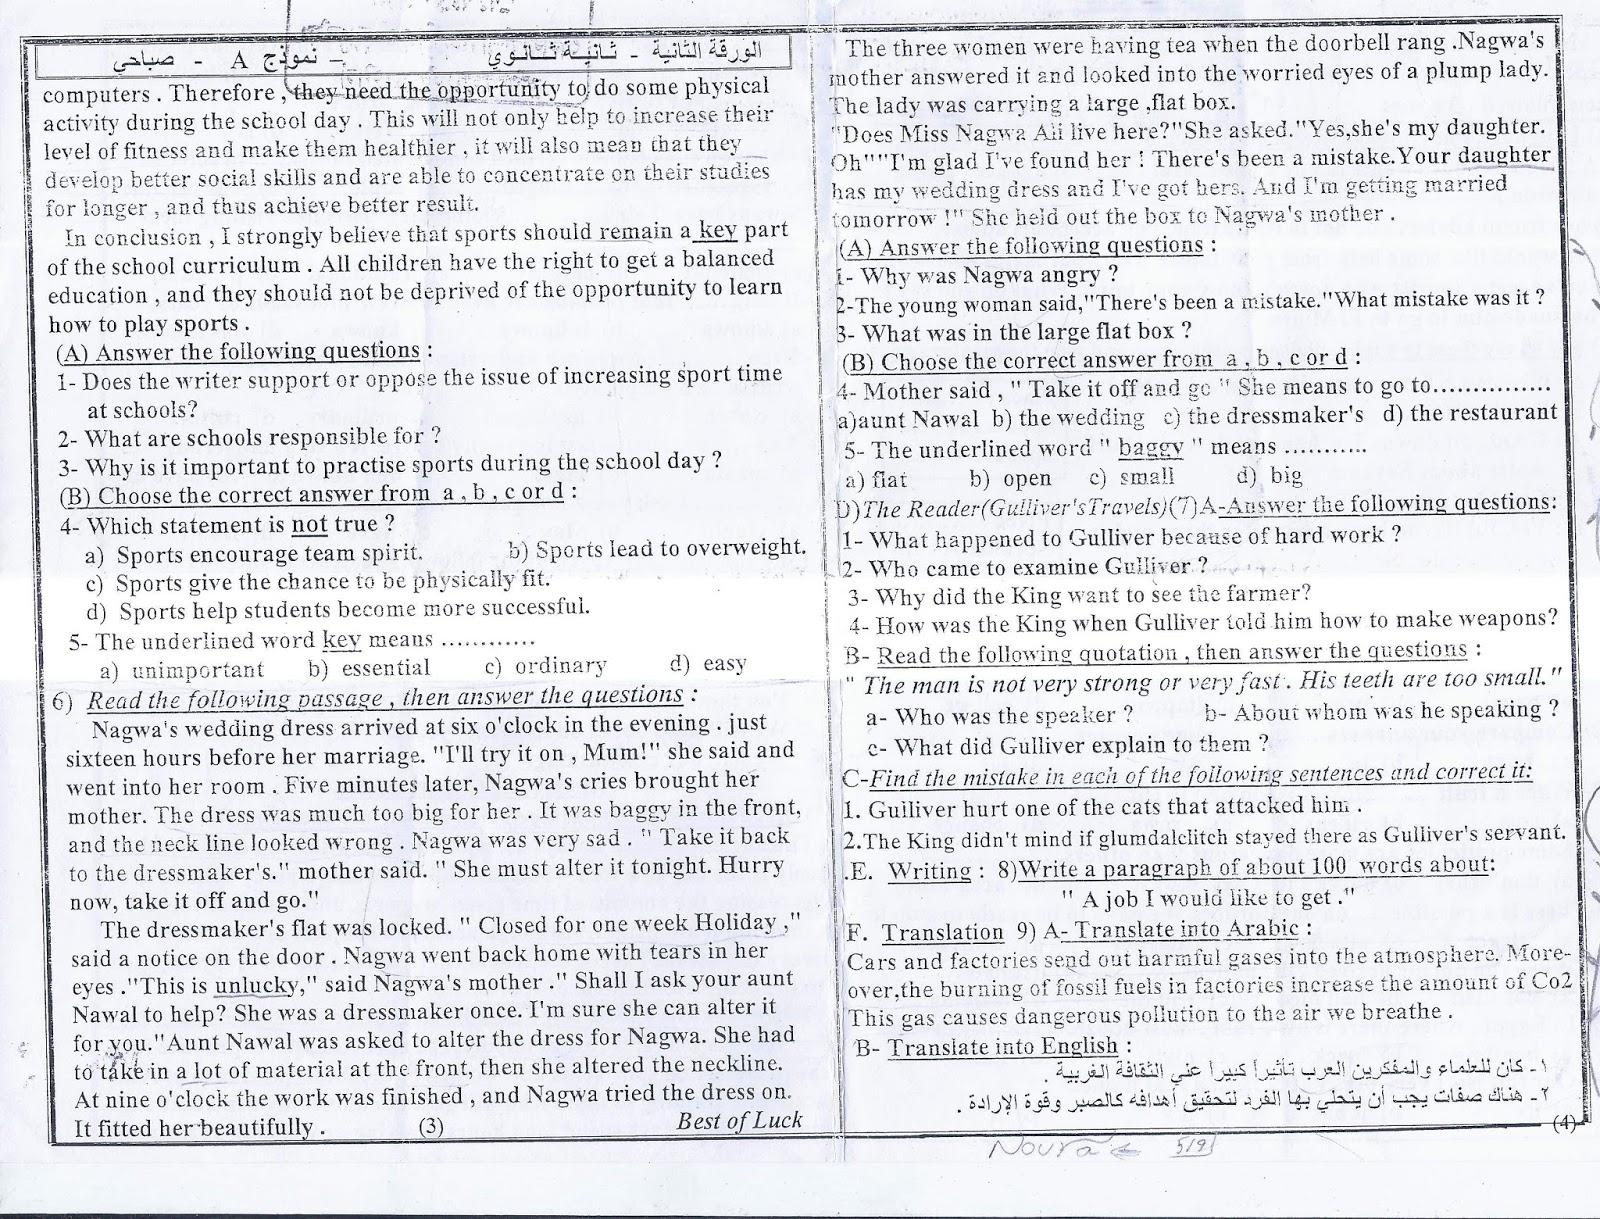 ادارة المنتزة التعليمية: امتحان العربي 2 ثانوى ترم ثان 2016 Scan0001